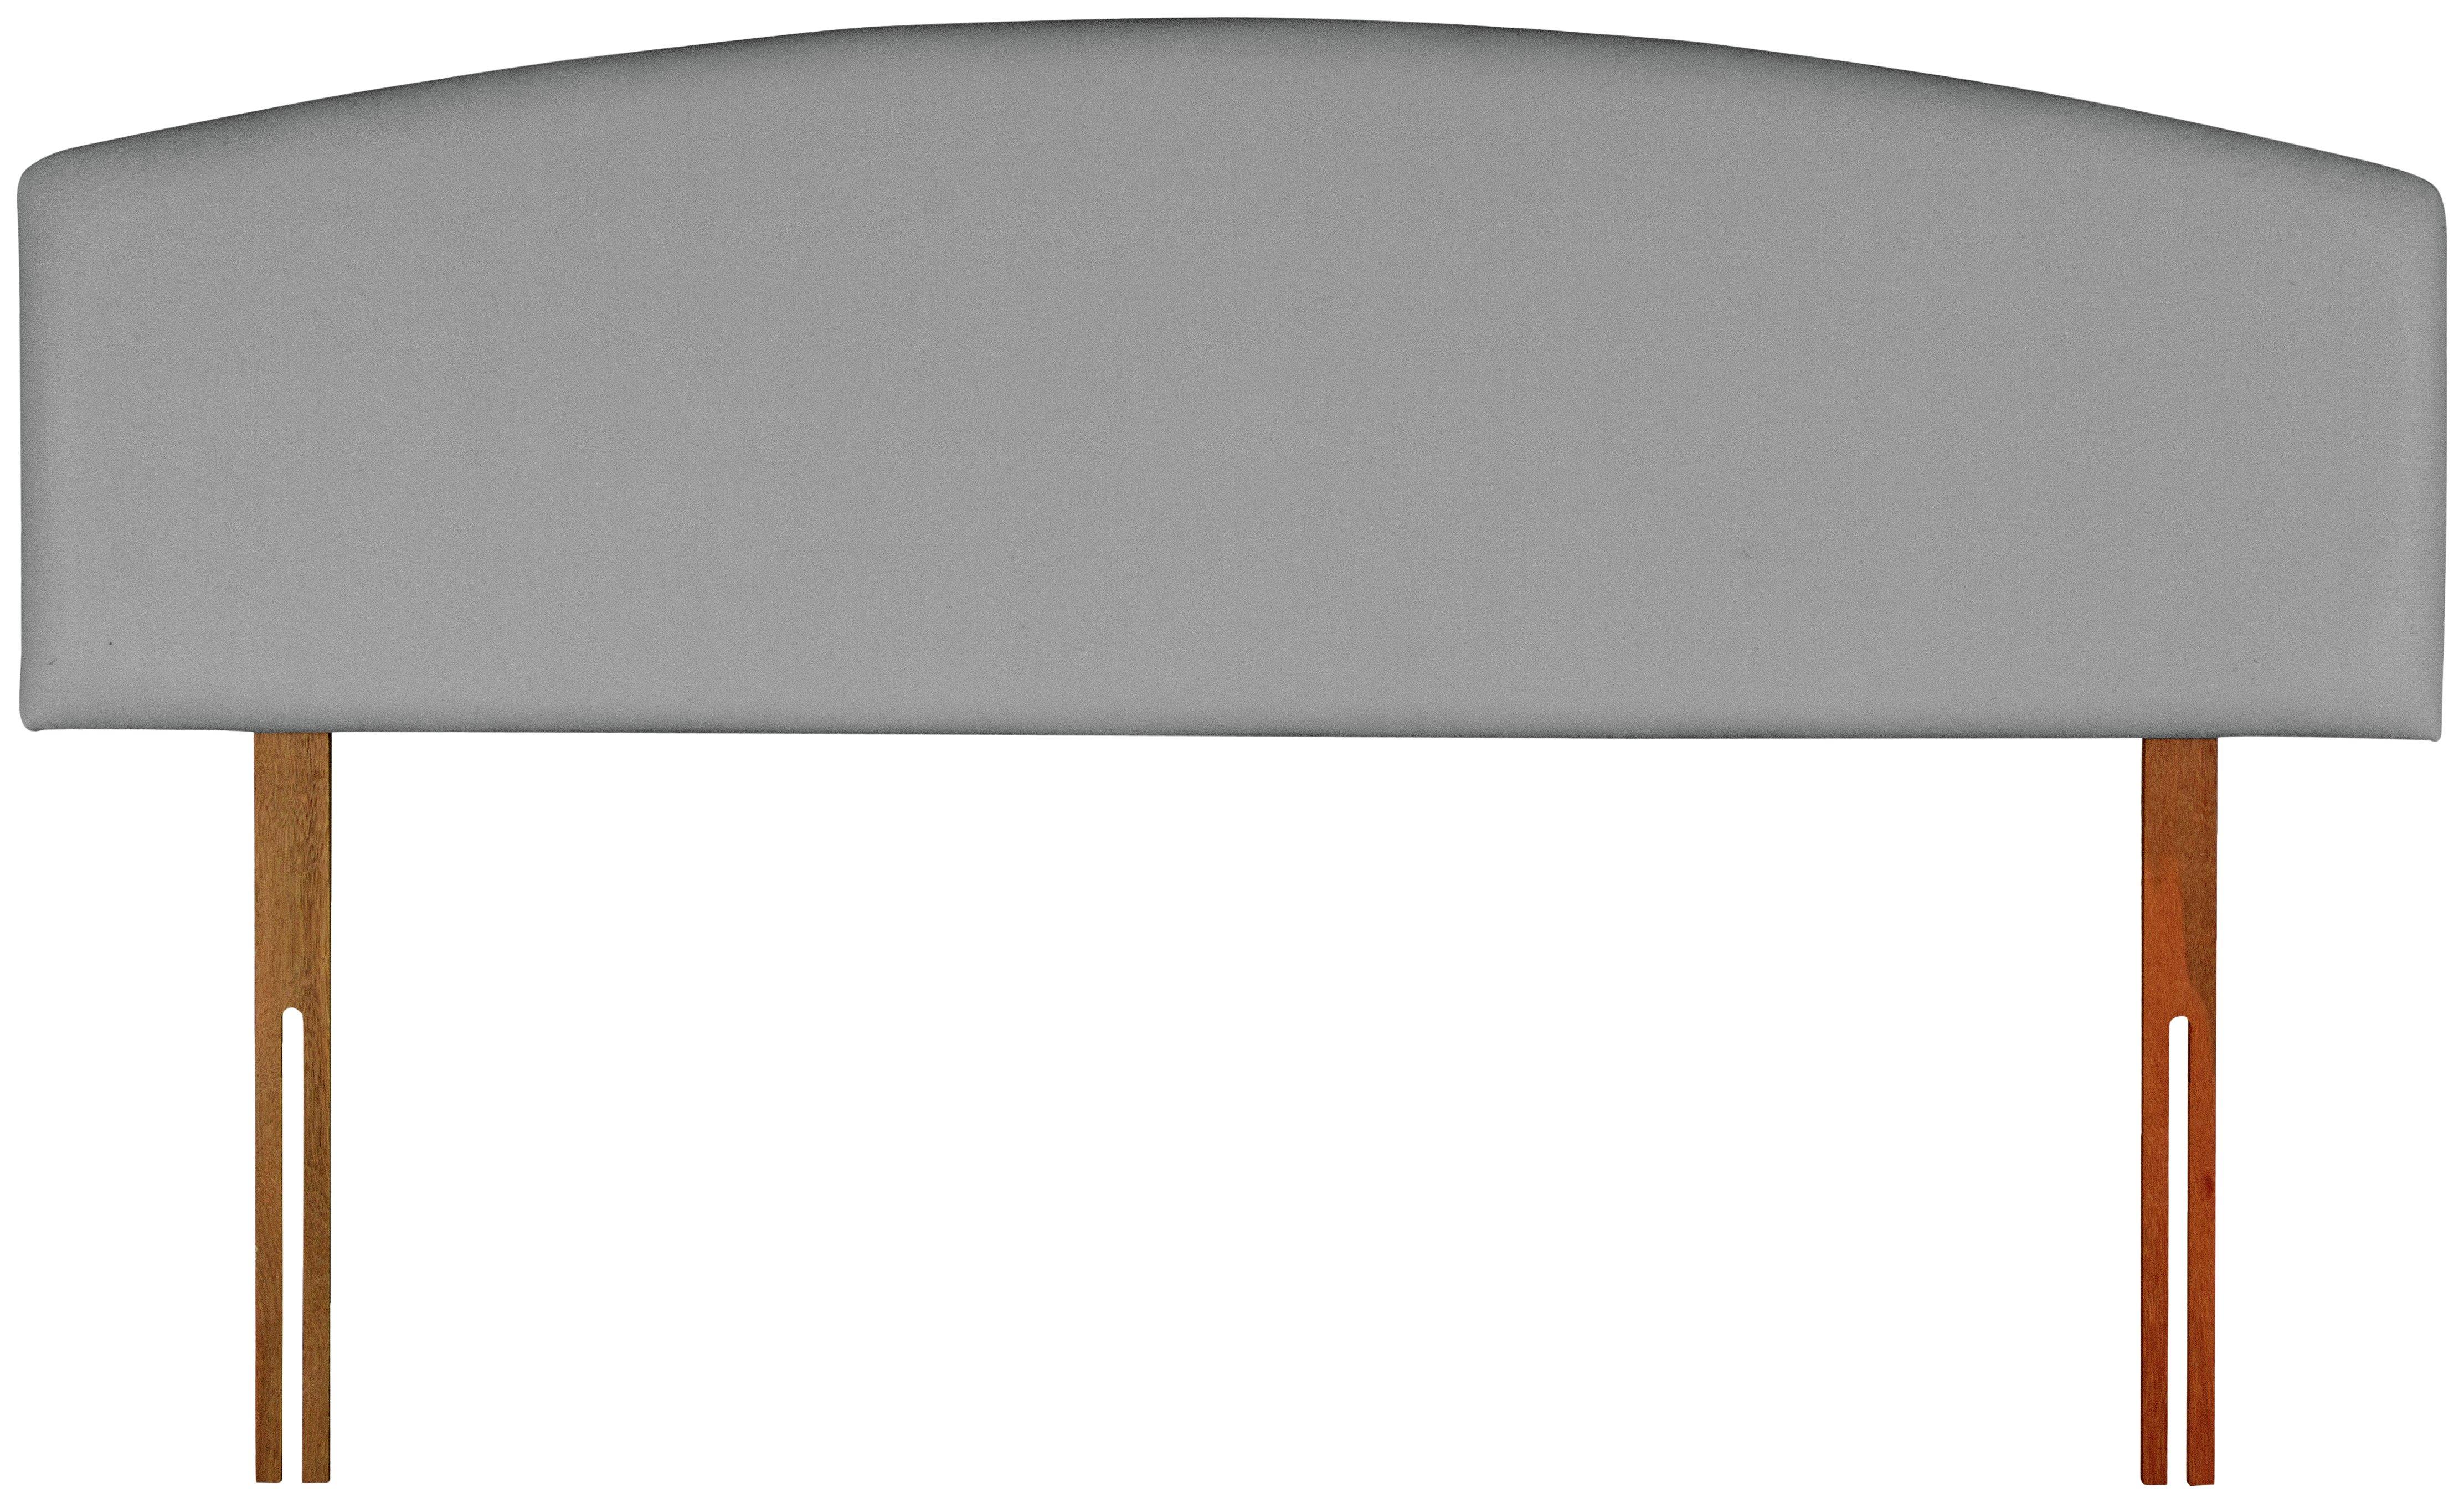 Airsprung Maxwell Headboard